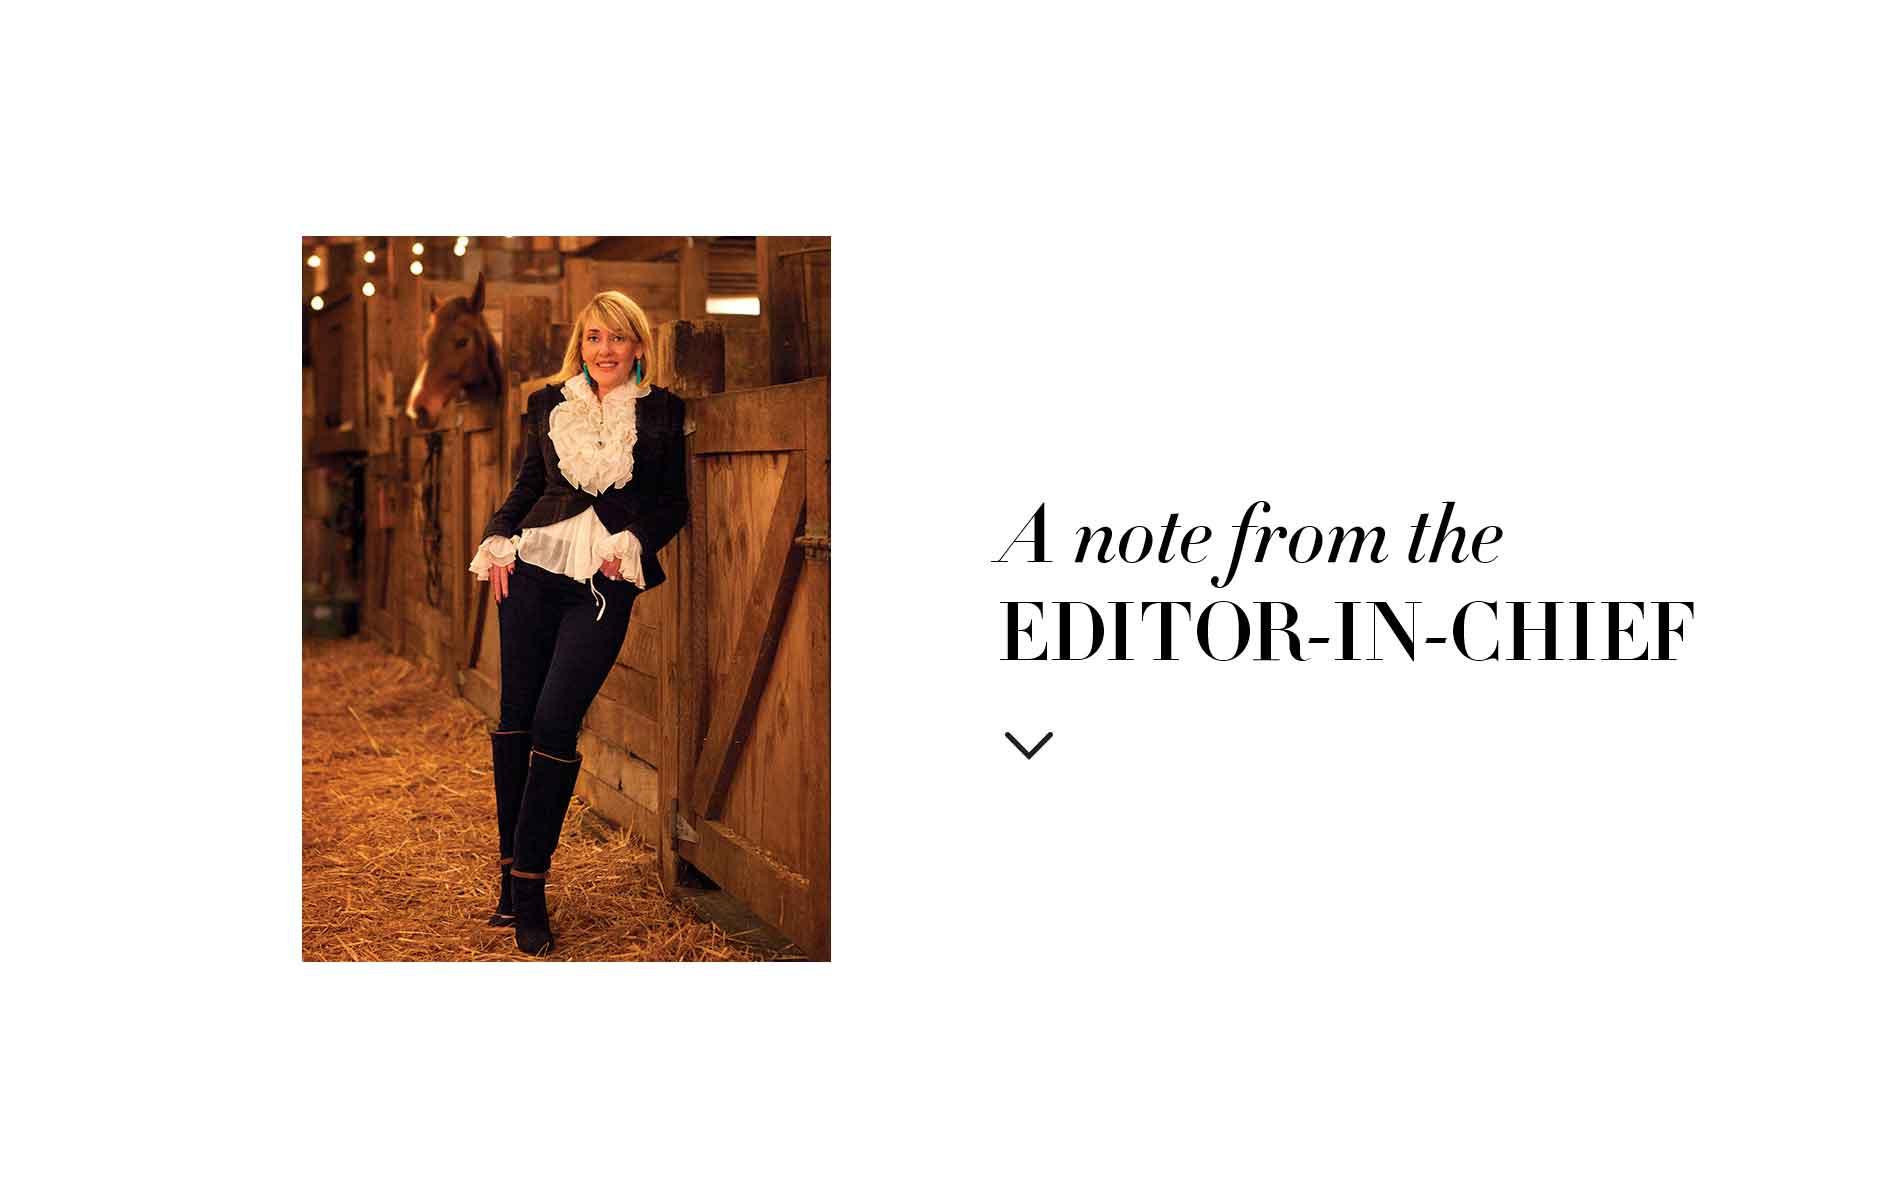 VIE magazine, Lisa Burwell, Lisa Marie Burwell, Lisa M Burwell